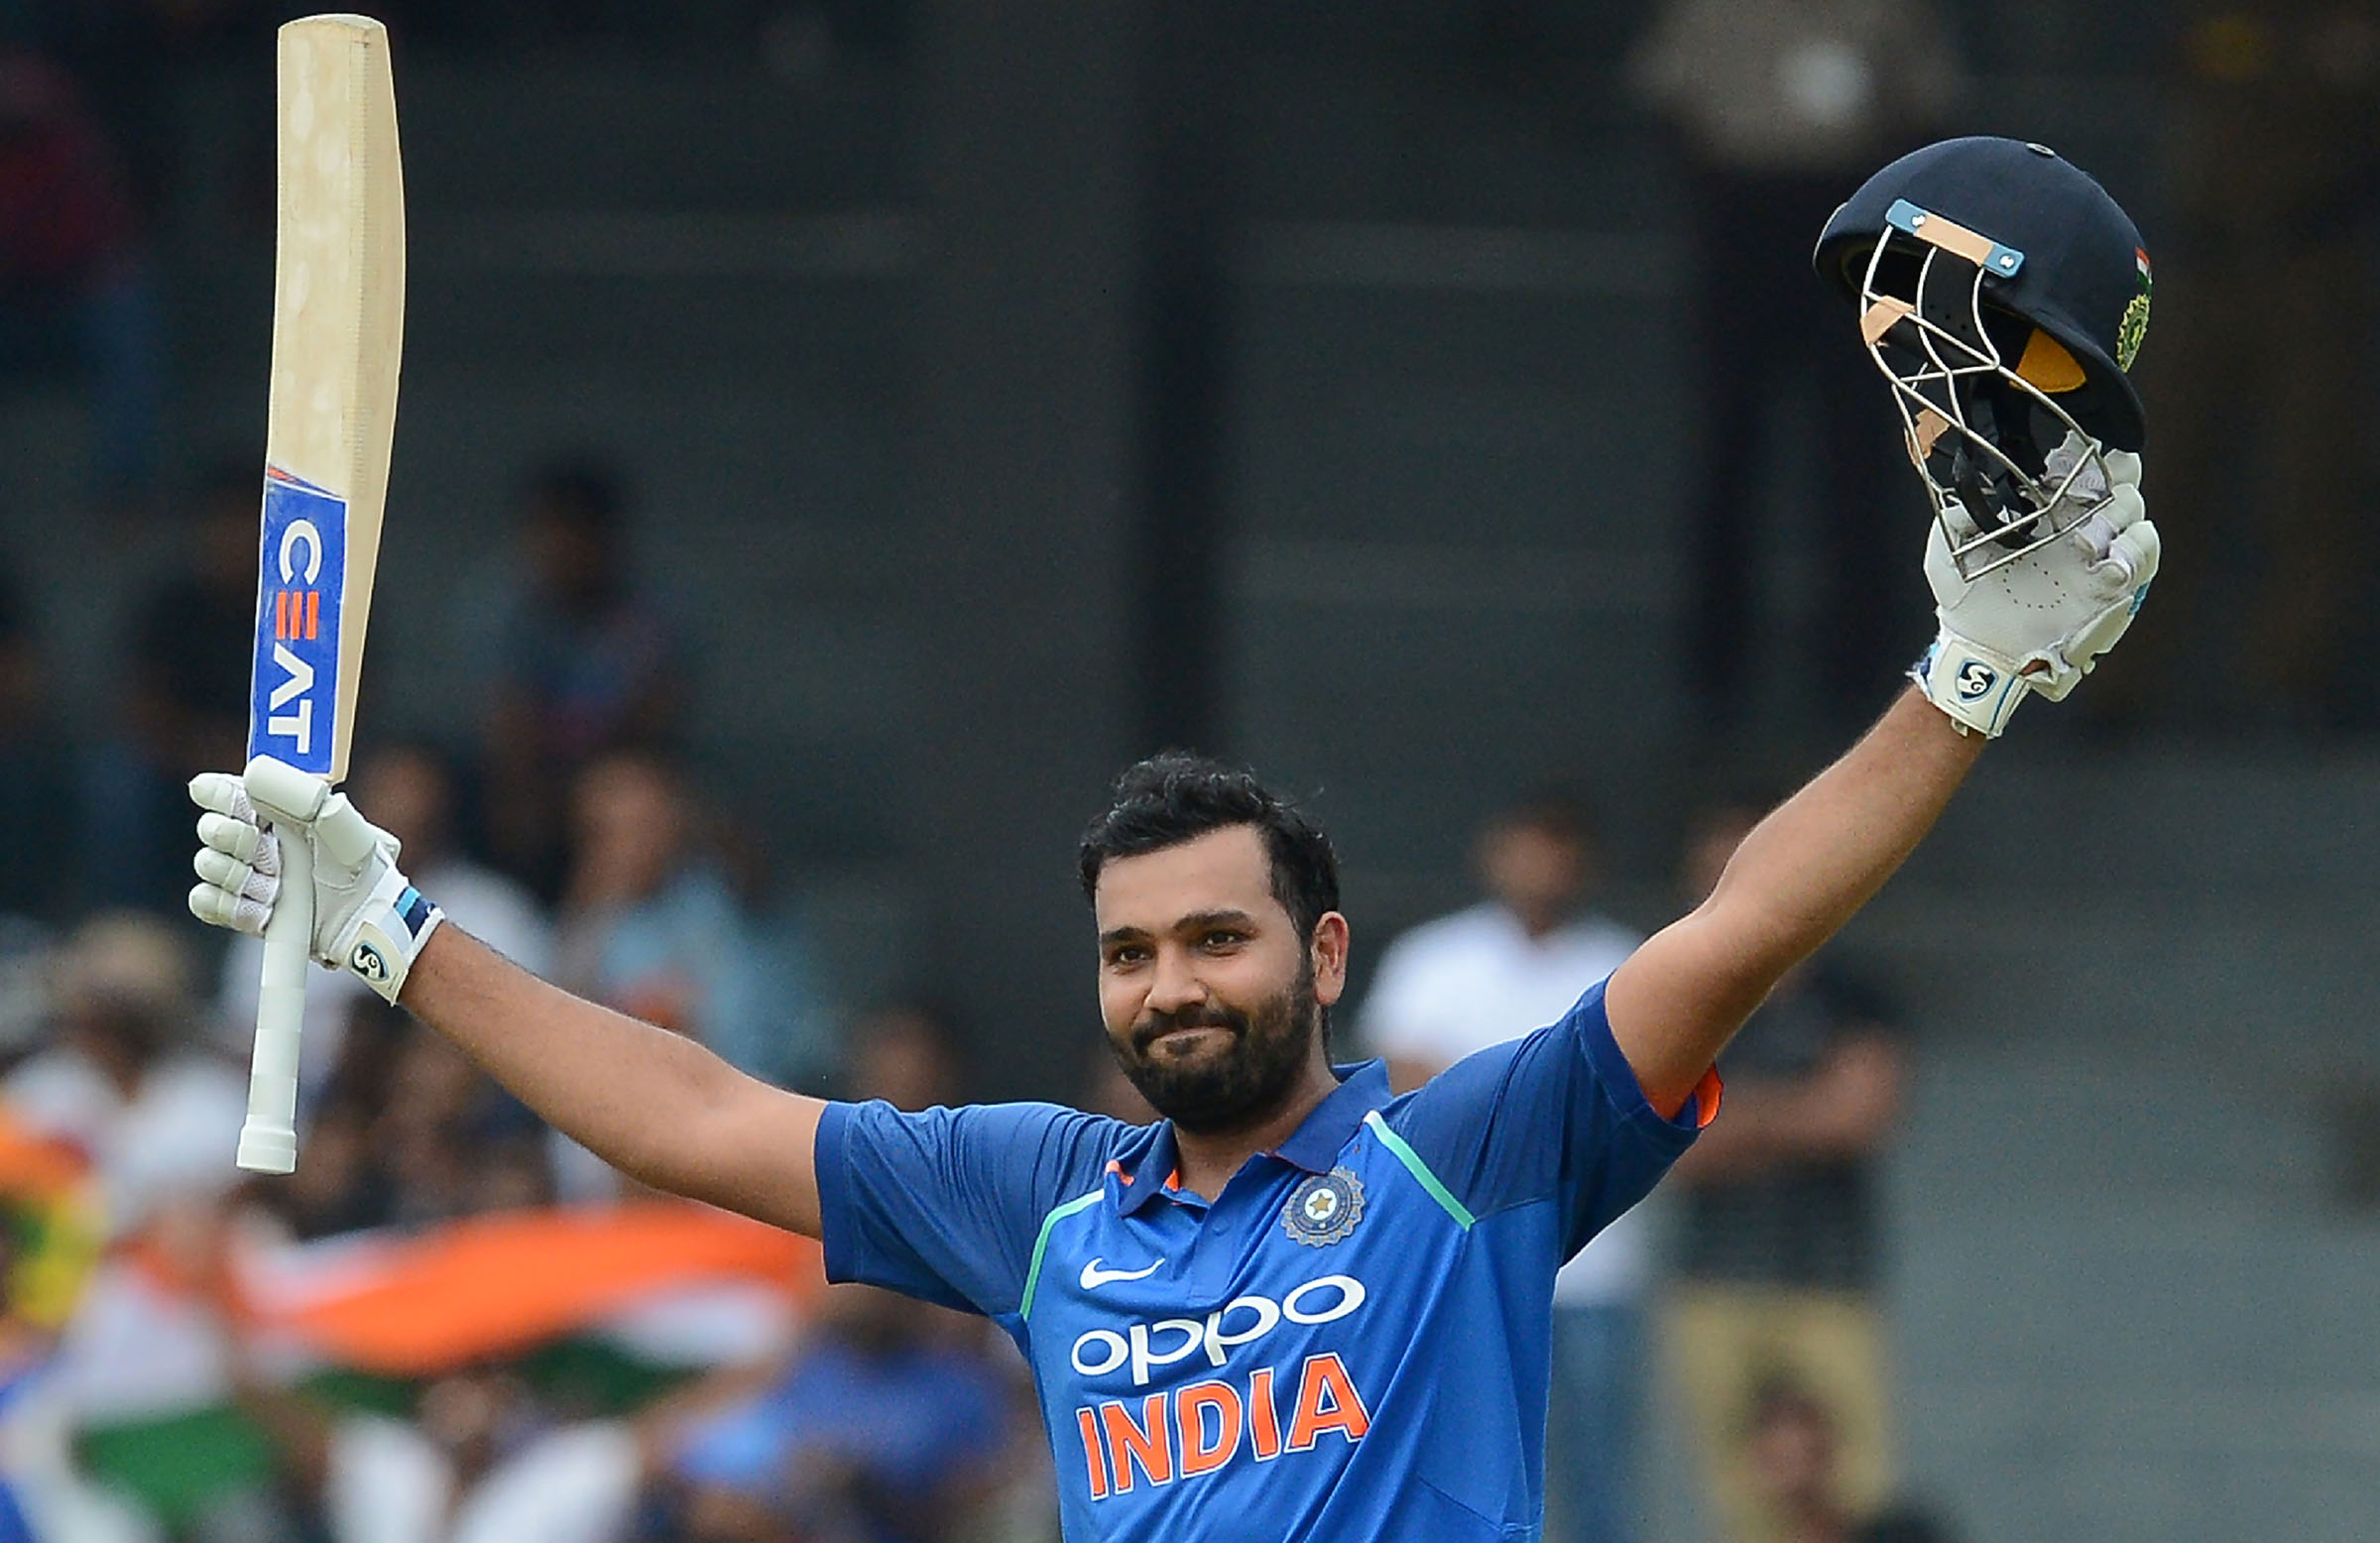 इस घटना ने रोहित शर्मा को बना दिया गेंदबाज से बल्लेबाज, क्रिकेट जगत को मिला हिटमैन